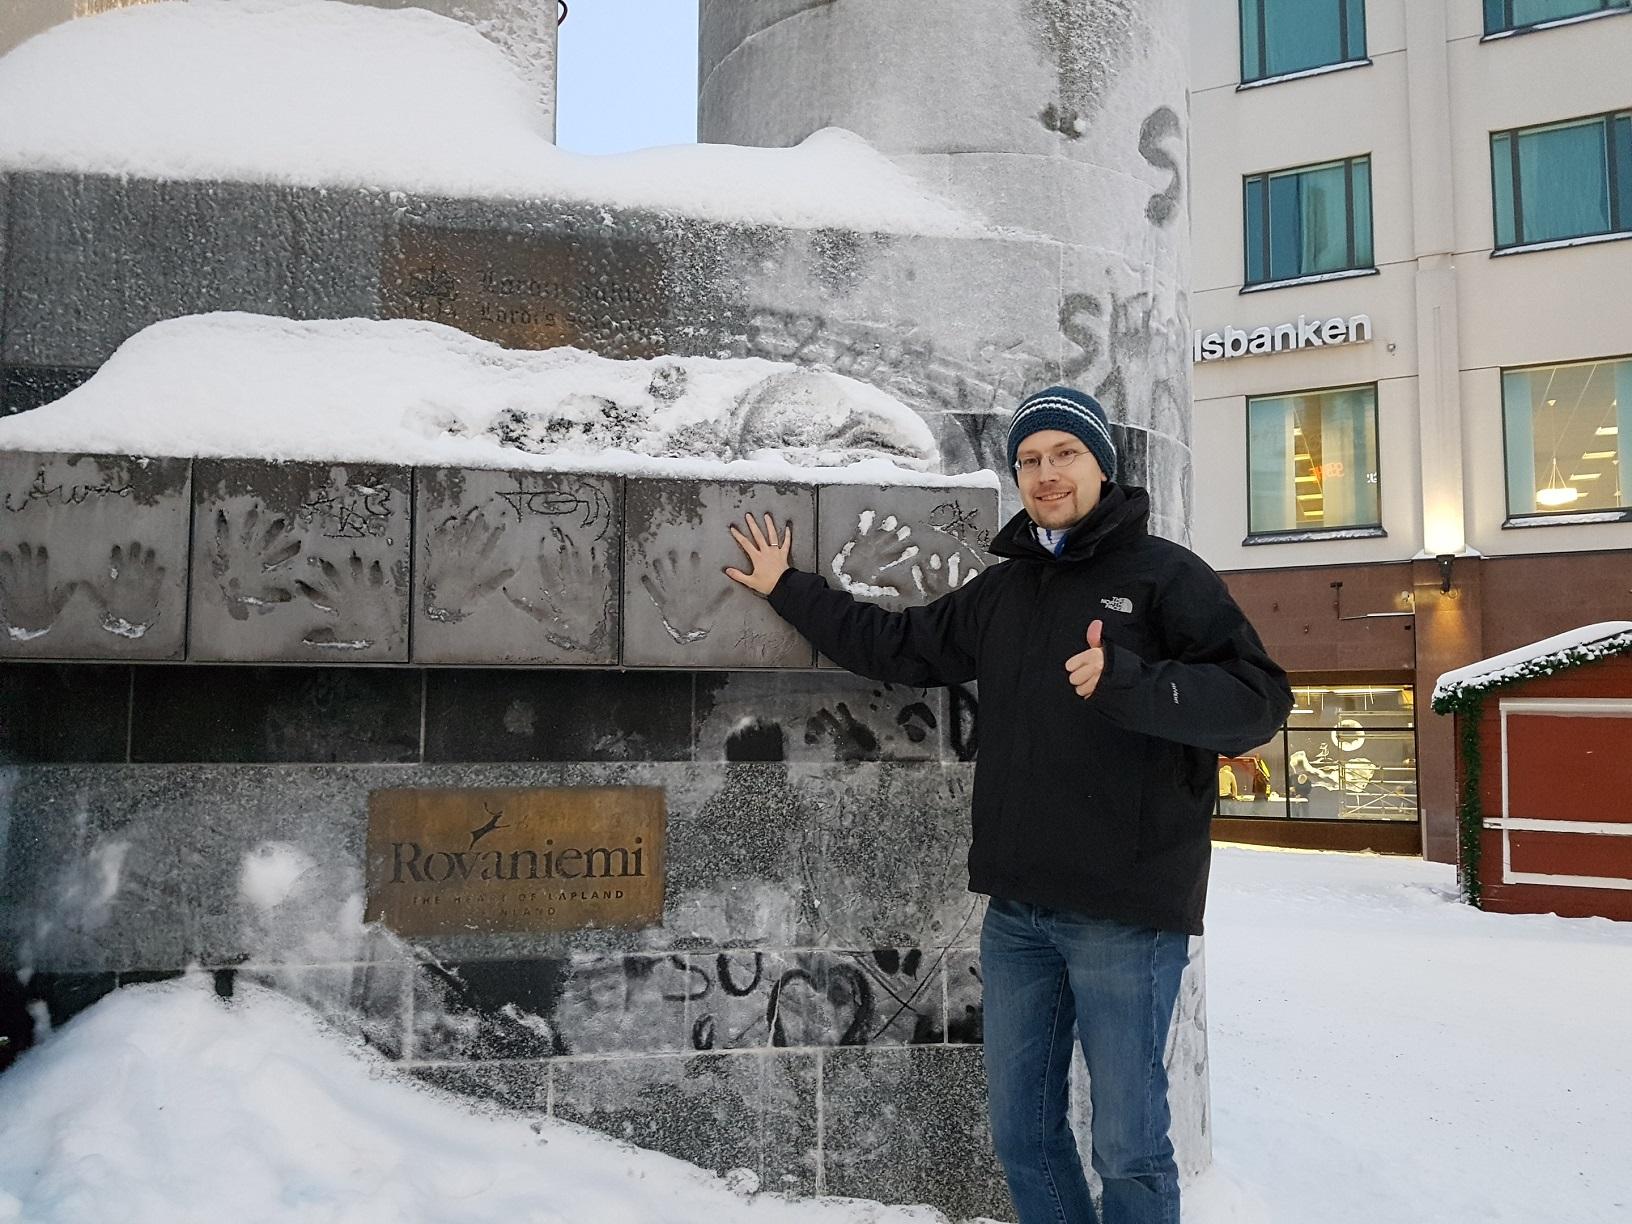 Lordi Monument Rovaniemi